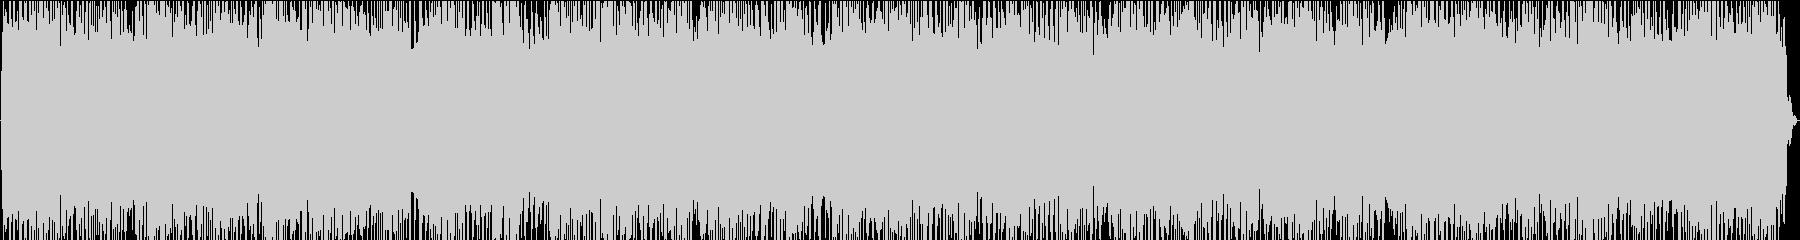 ドローン 邪魔02の未再生の波形